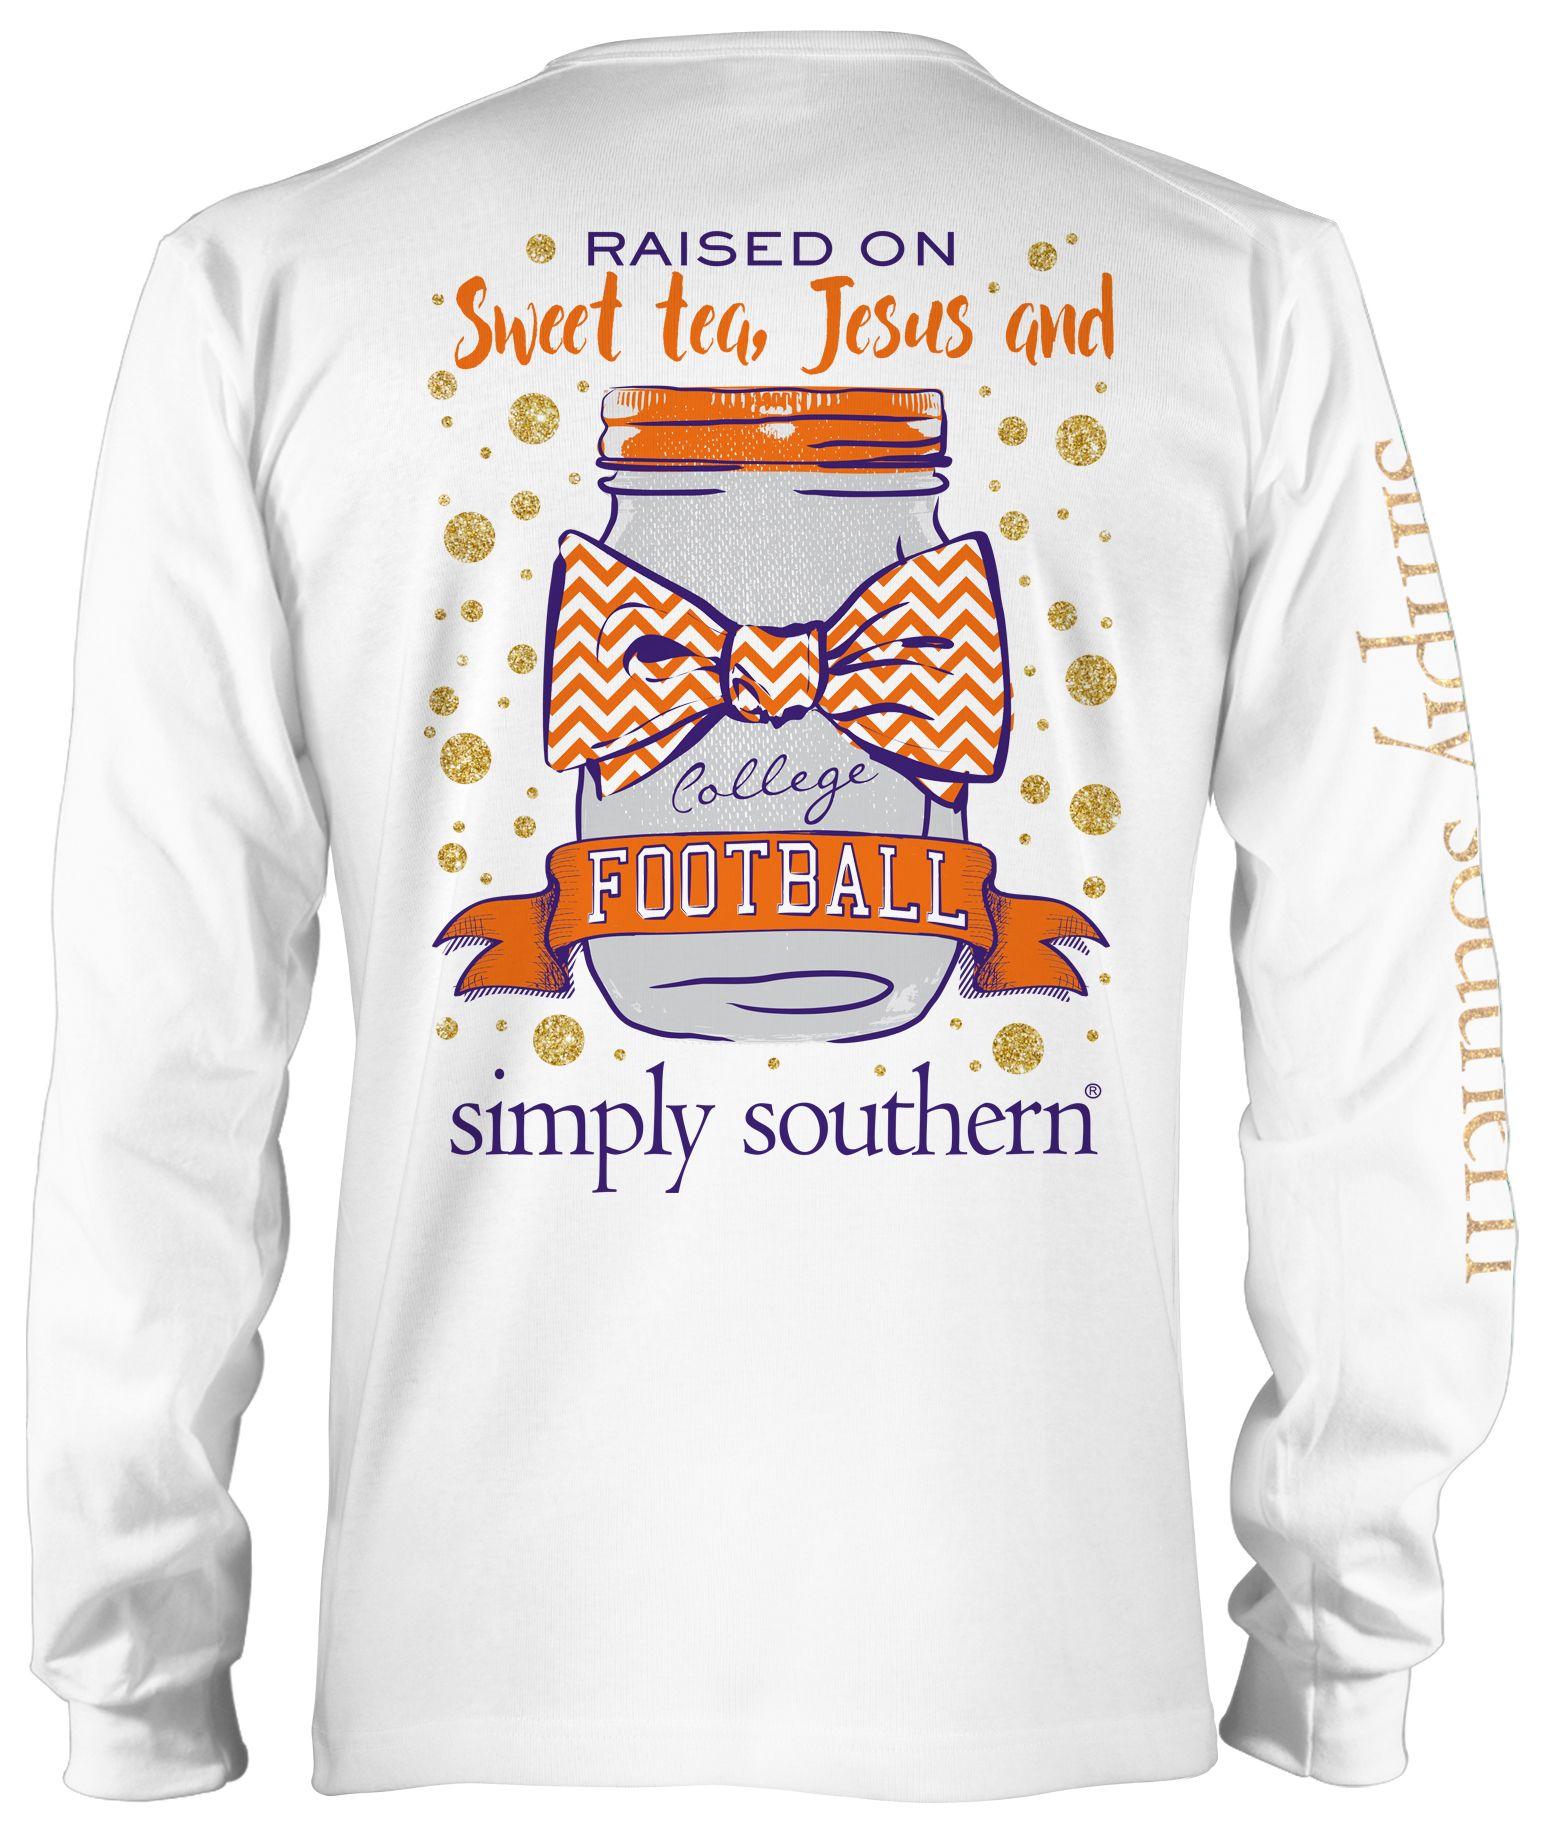 Raised on Sweet Tea, Jesus and Football Orange, Purple & White